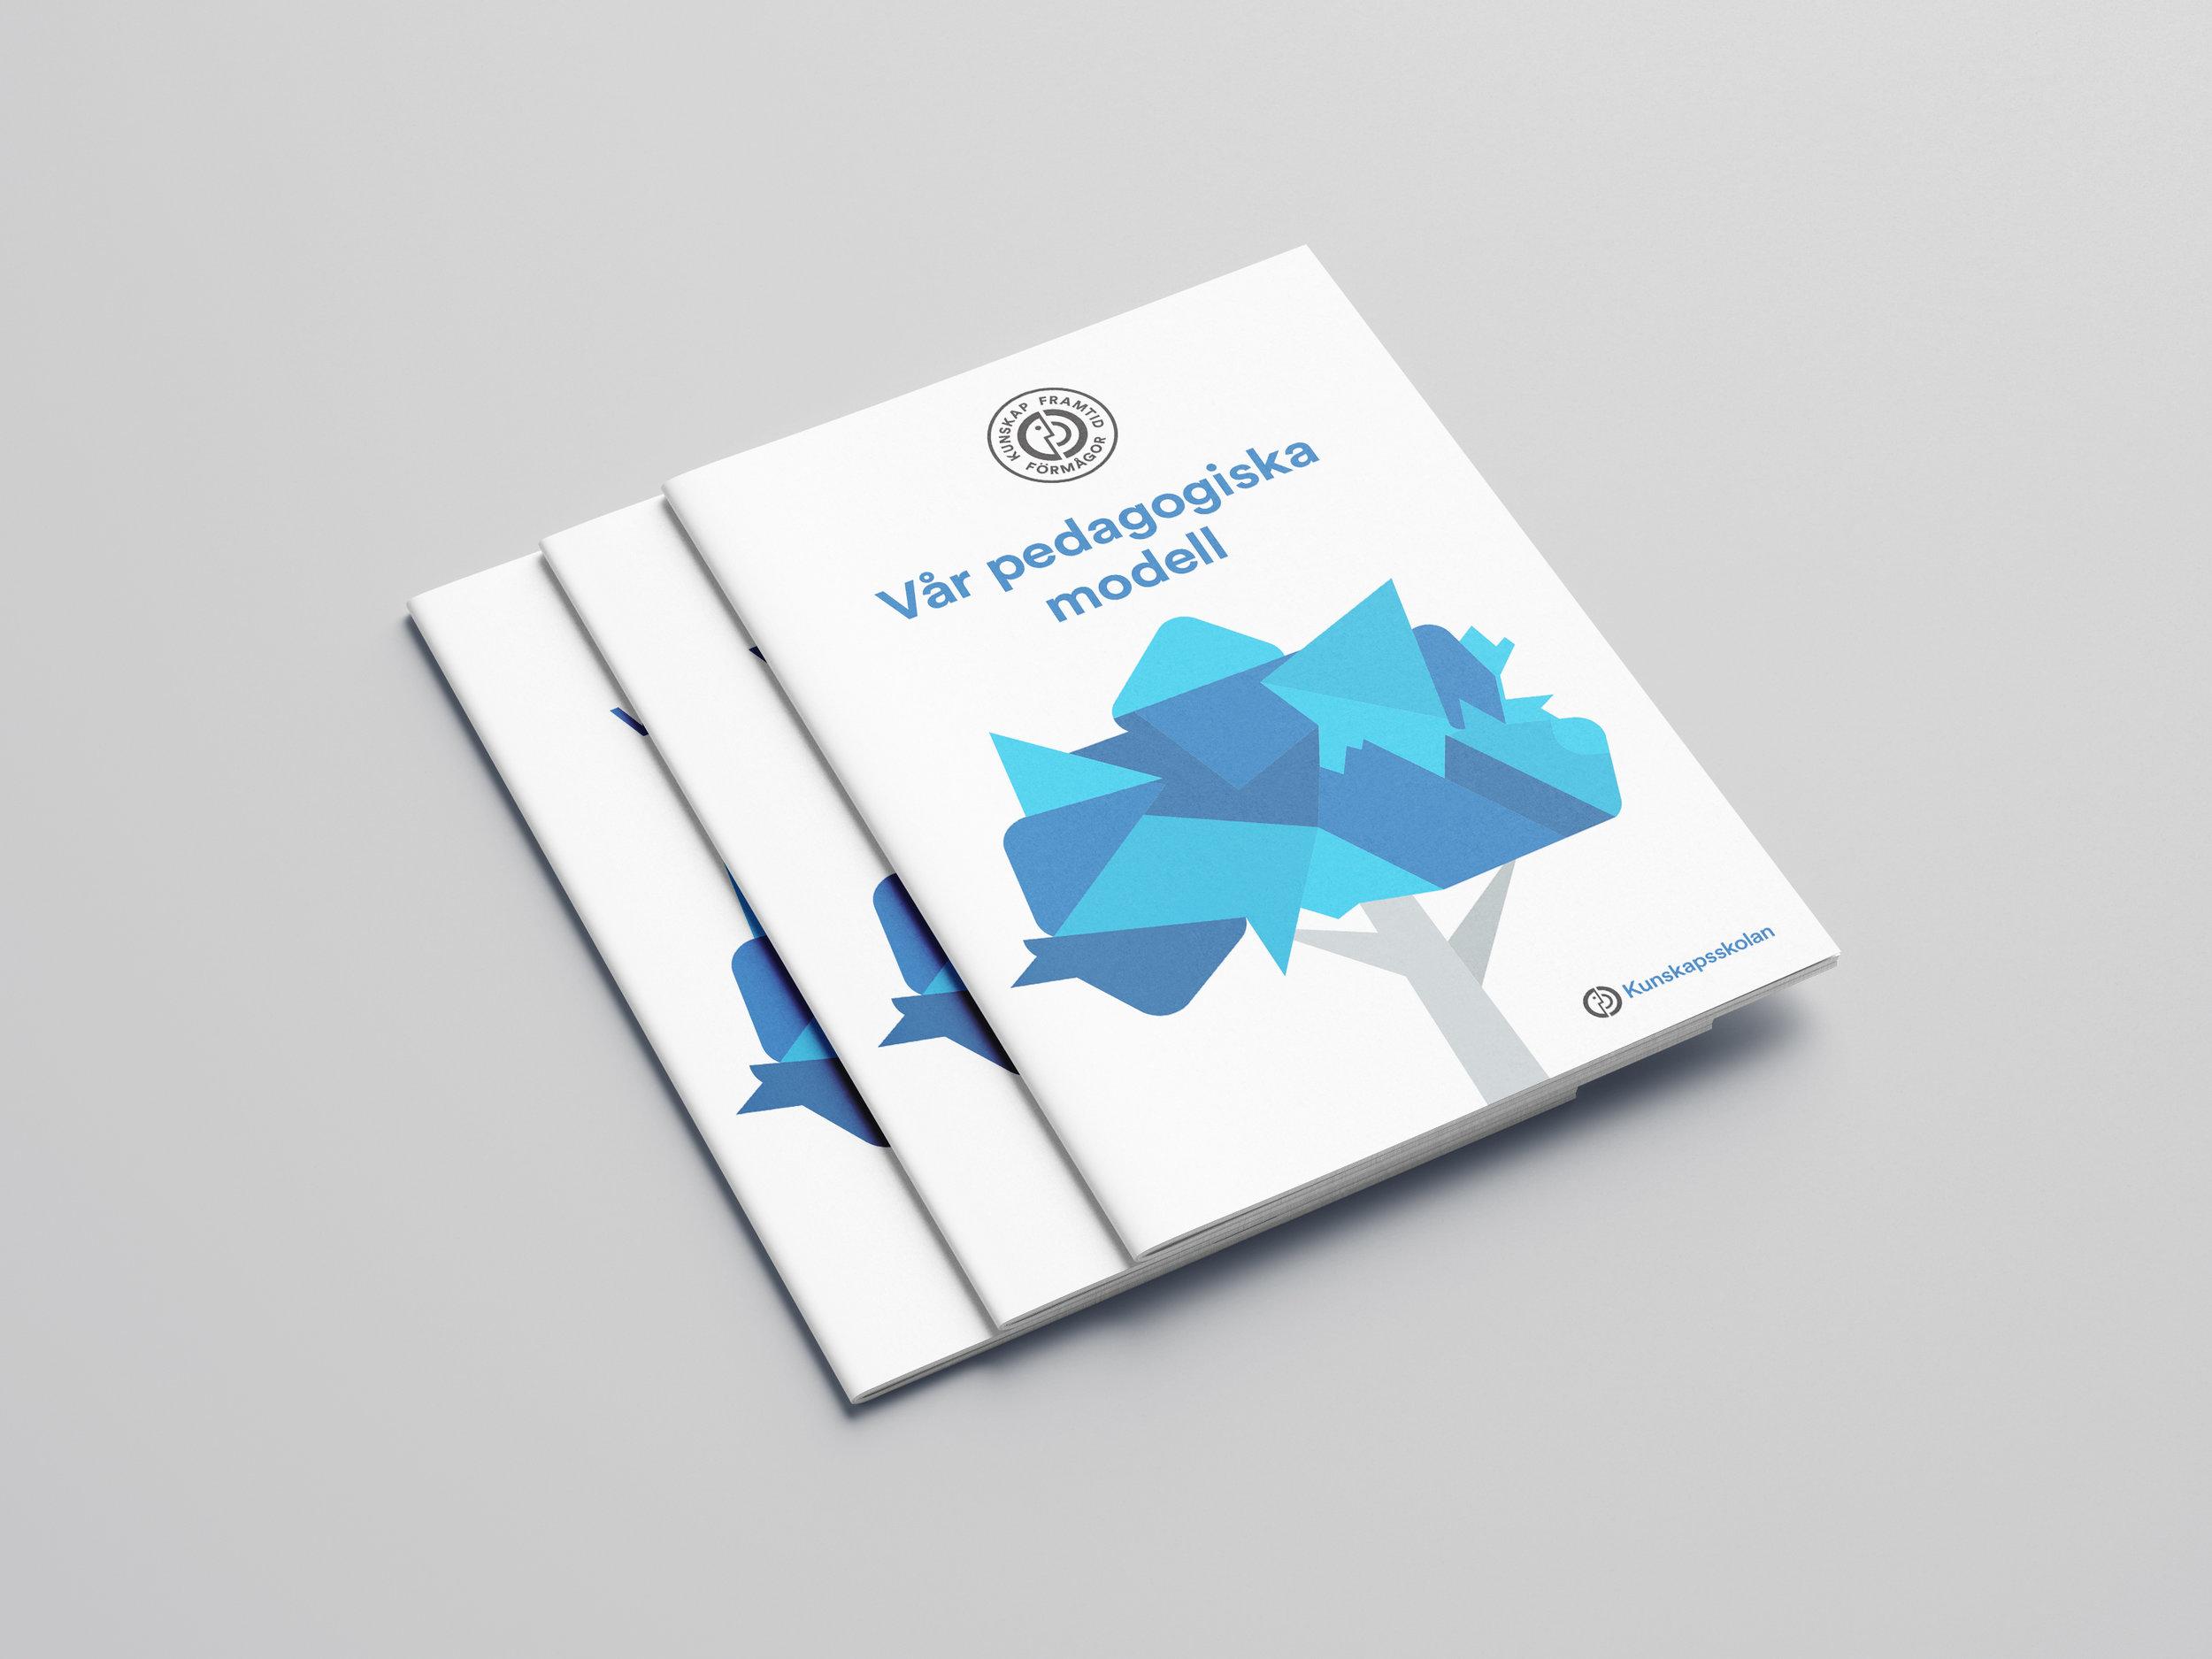 KS_leaflet_cover_01.jpg